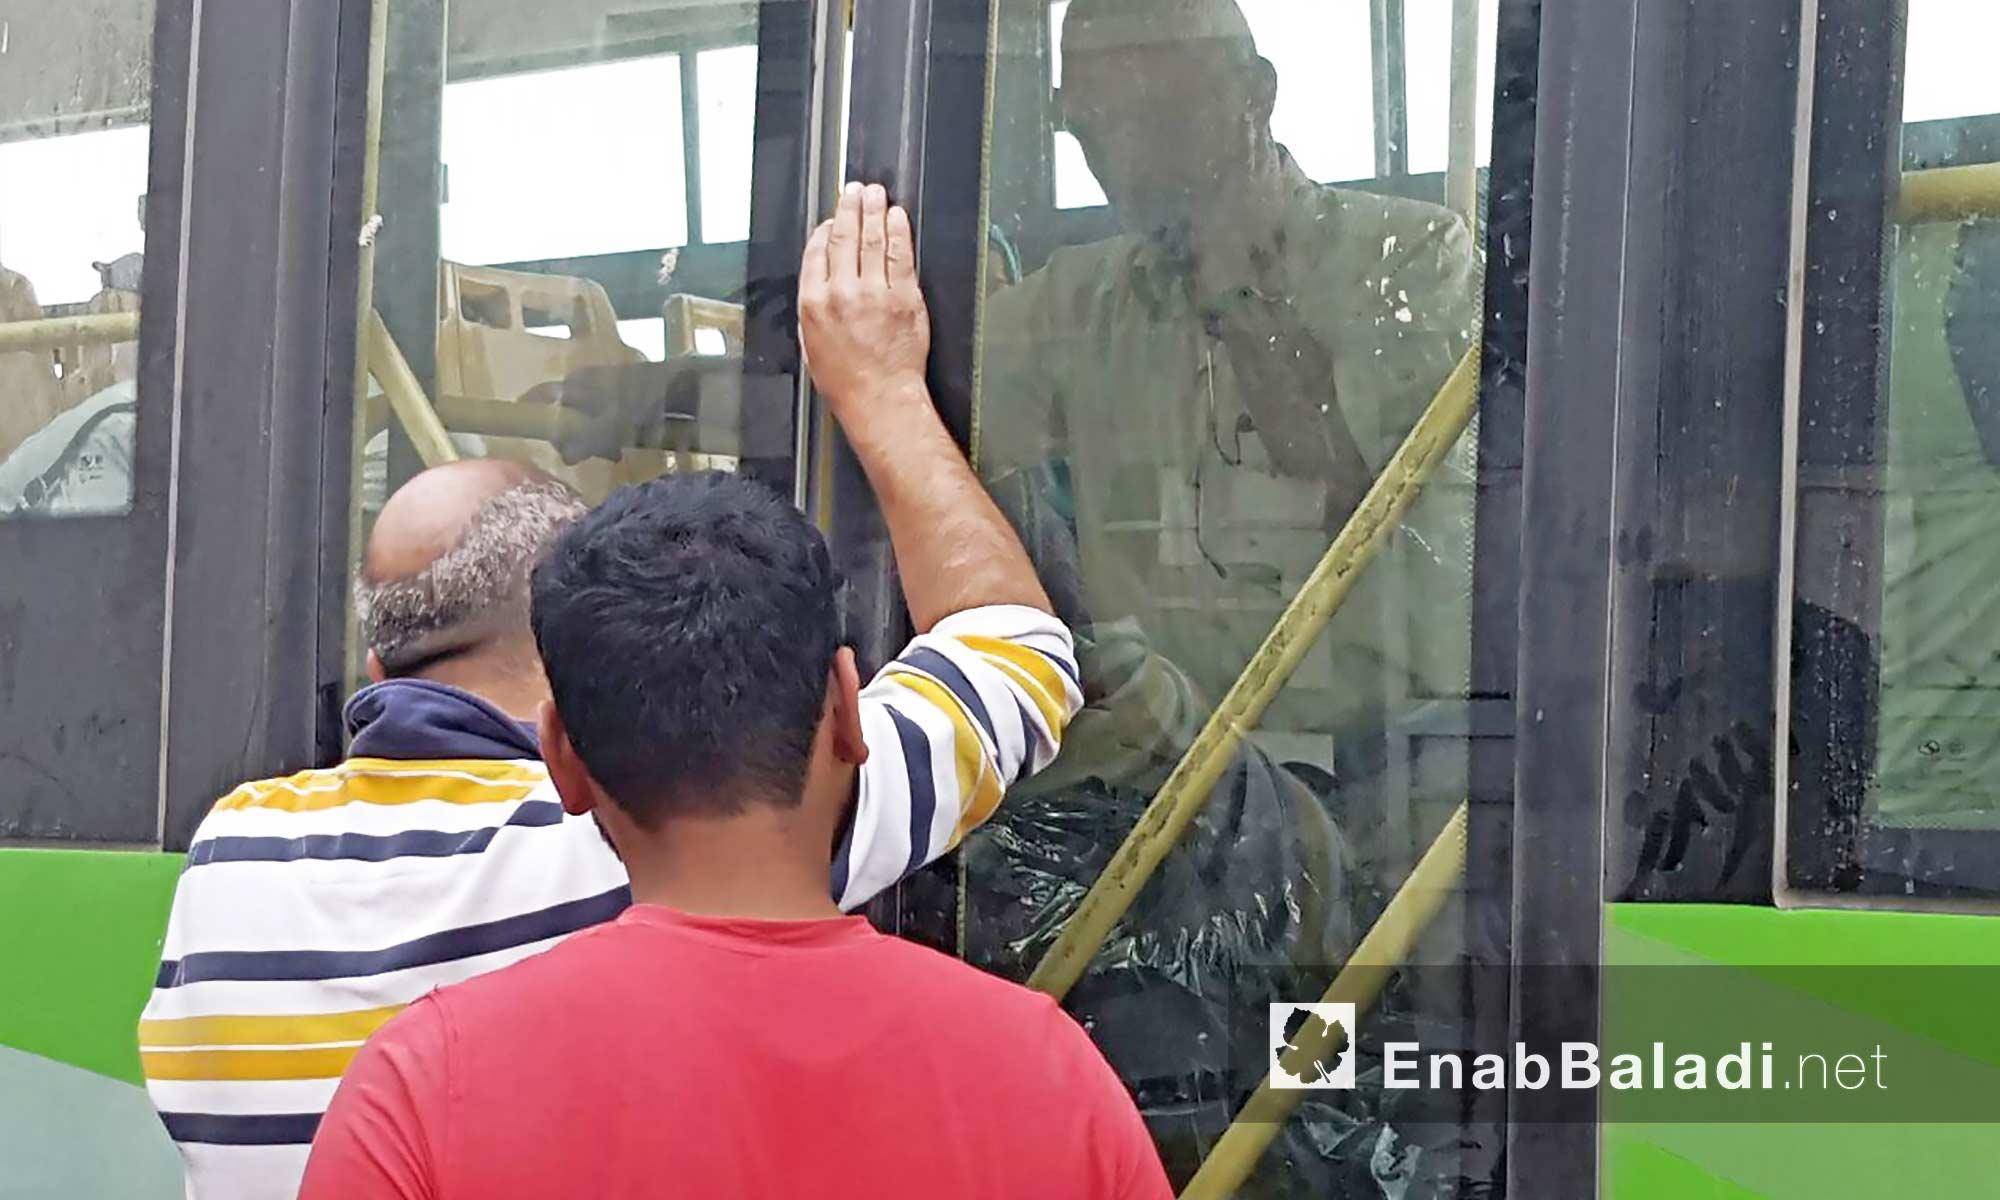 أهالي حي الوعر يتجهزون للمغادرة نحو ريف حمص الشمالي - 26 أيلول 2016 (عنب بلدي)